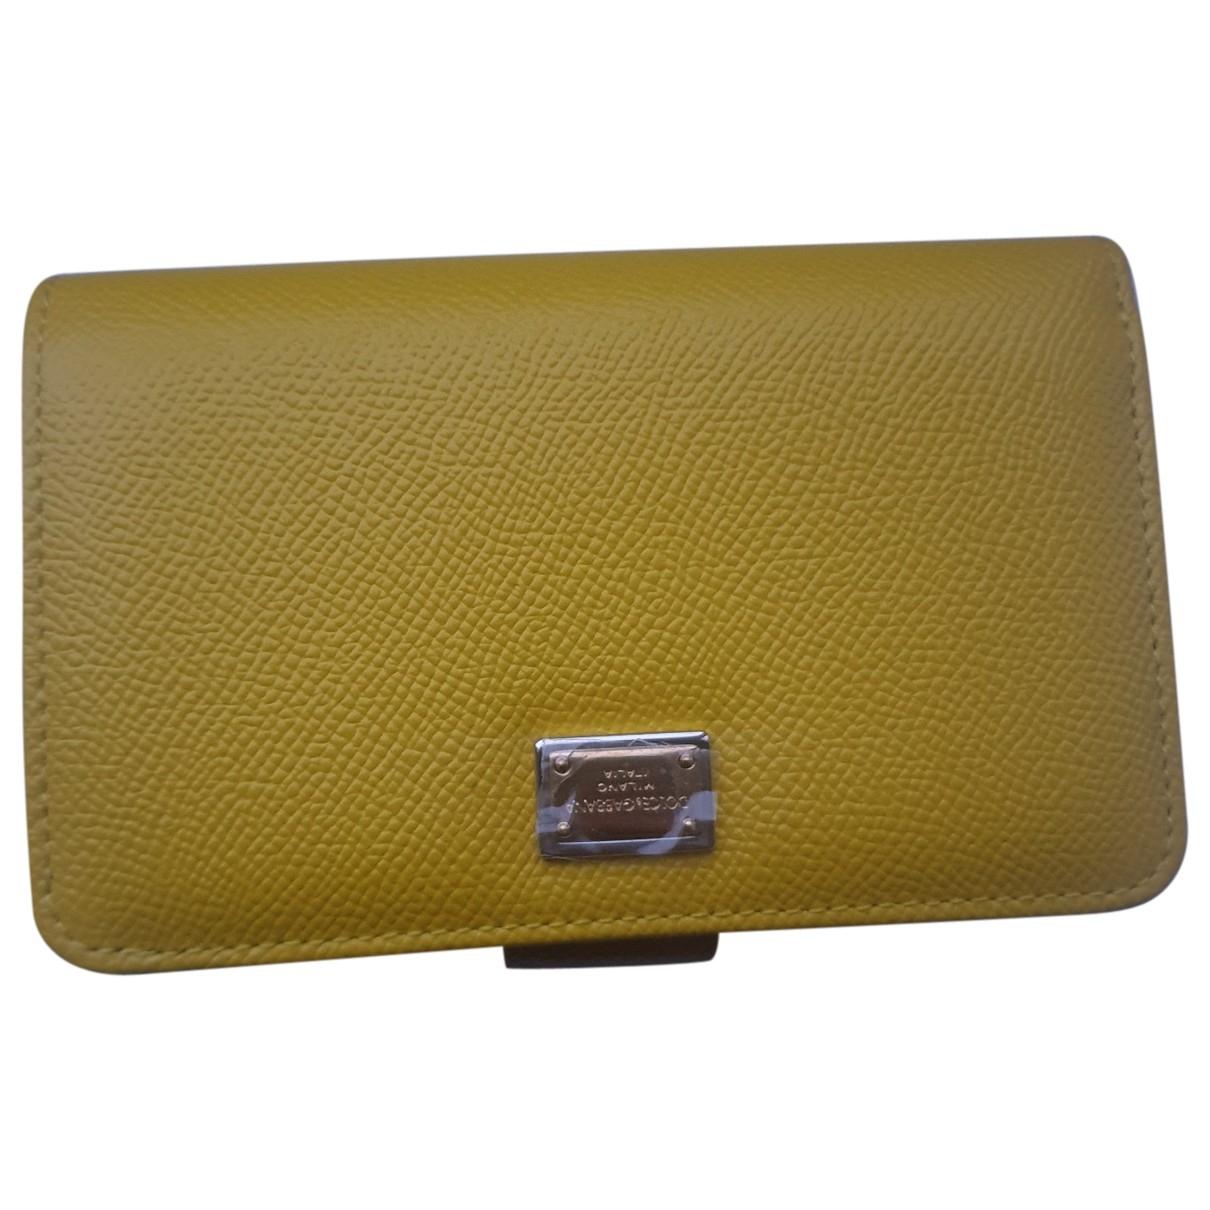 Dolce & Gabbana - Portefeuille   pour femme en cuir - jaune